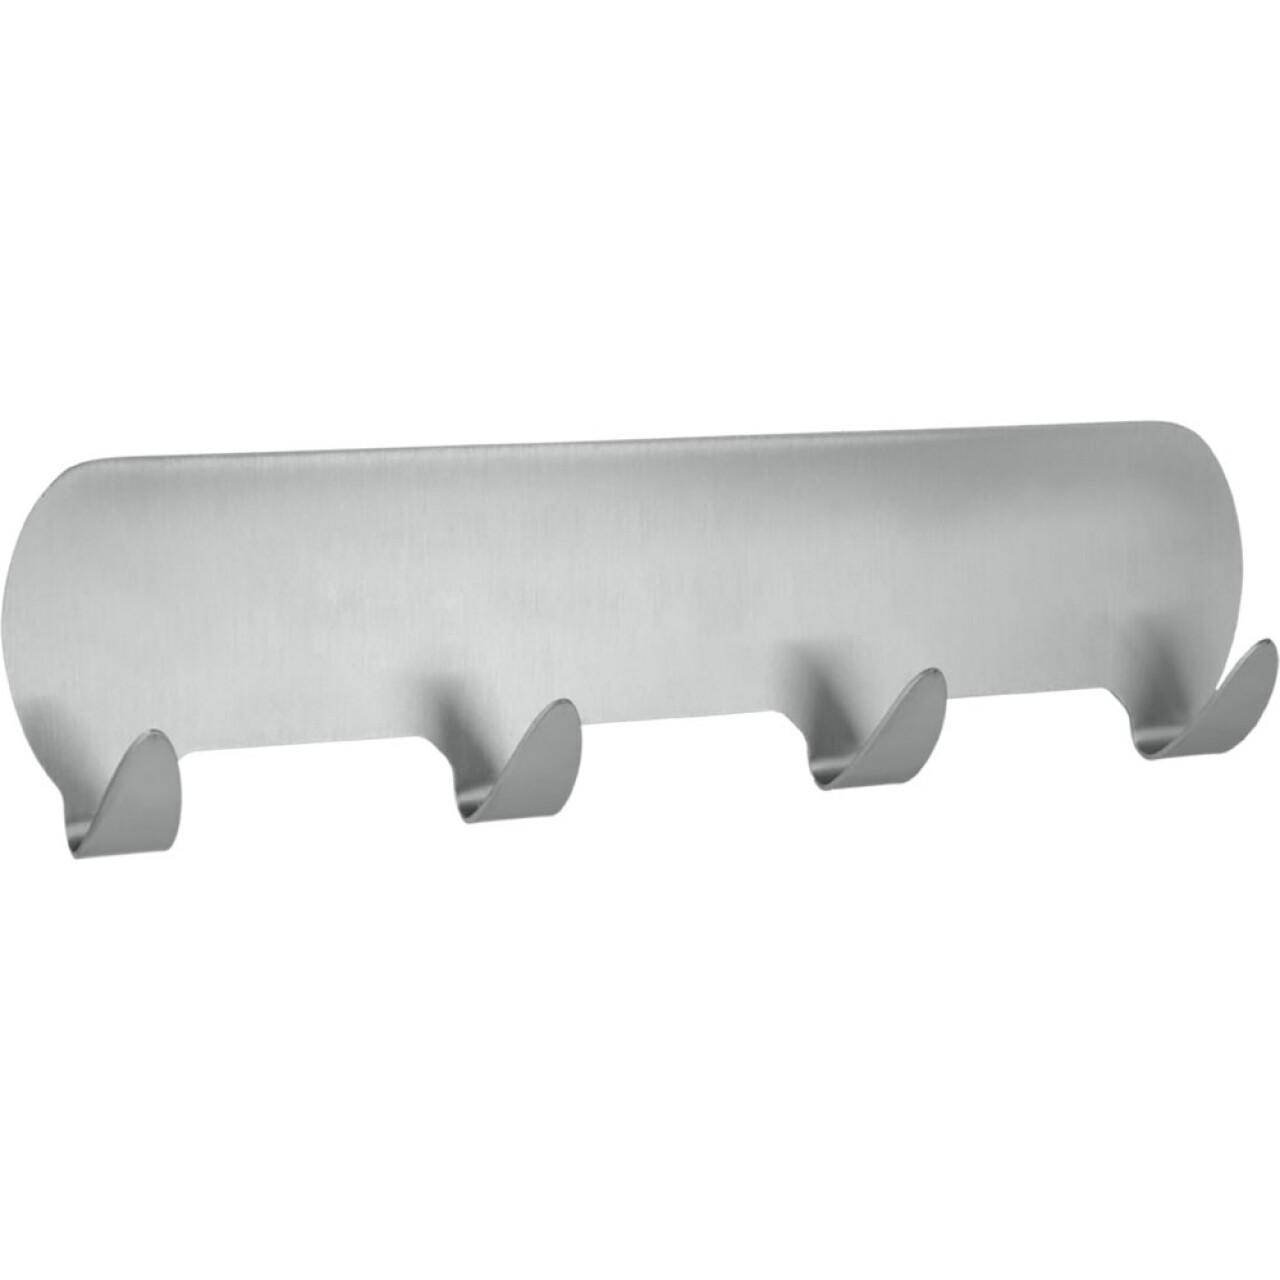 Cuier autoadeziv Metaltex, 18 cm, inox, argintiu